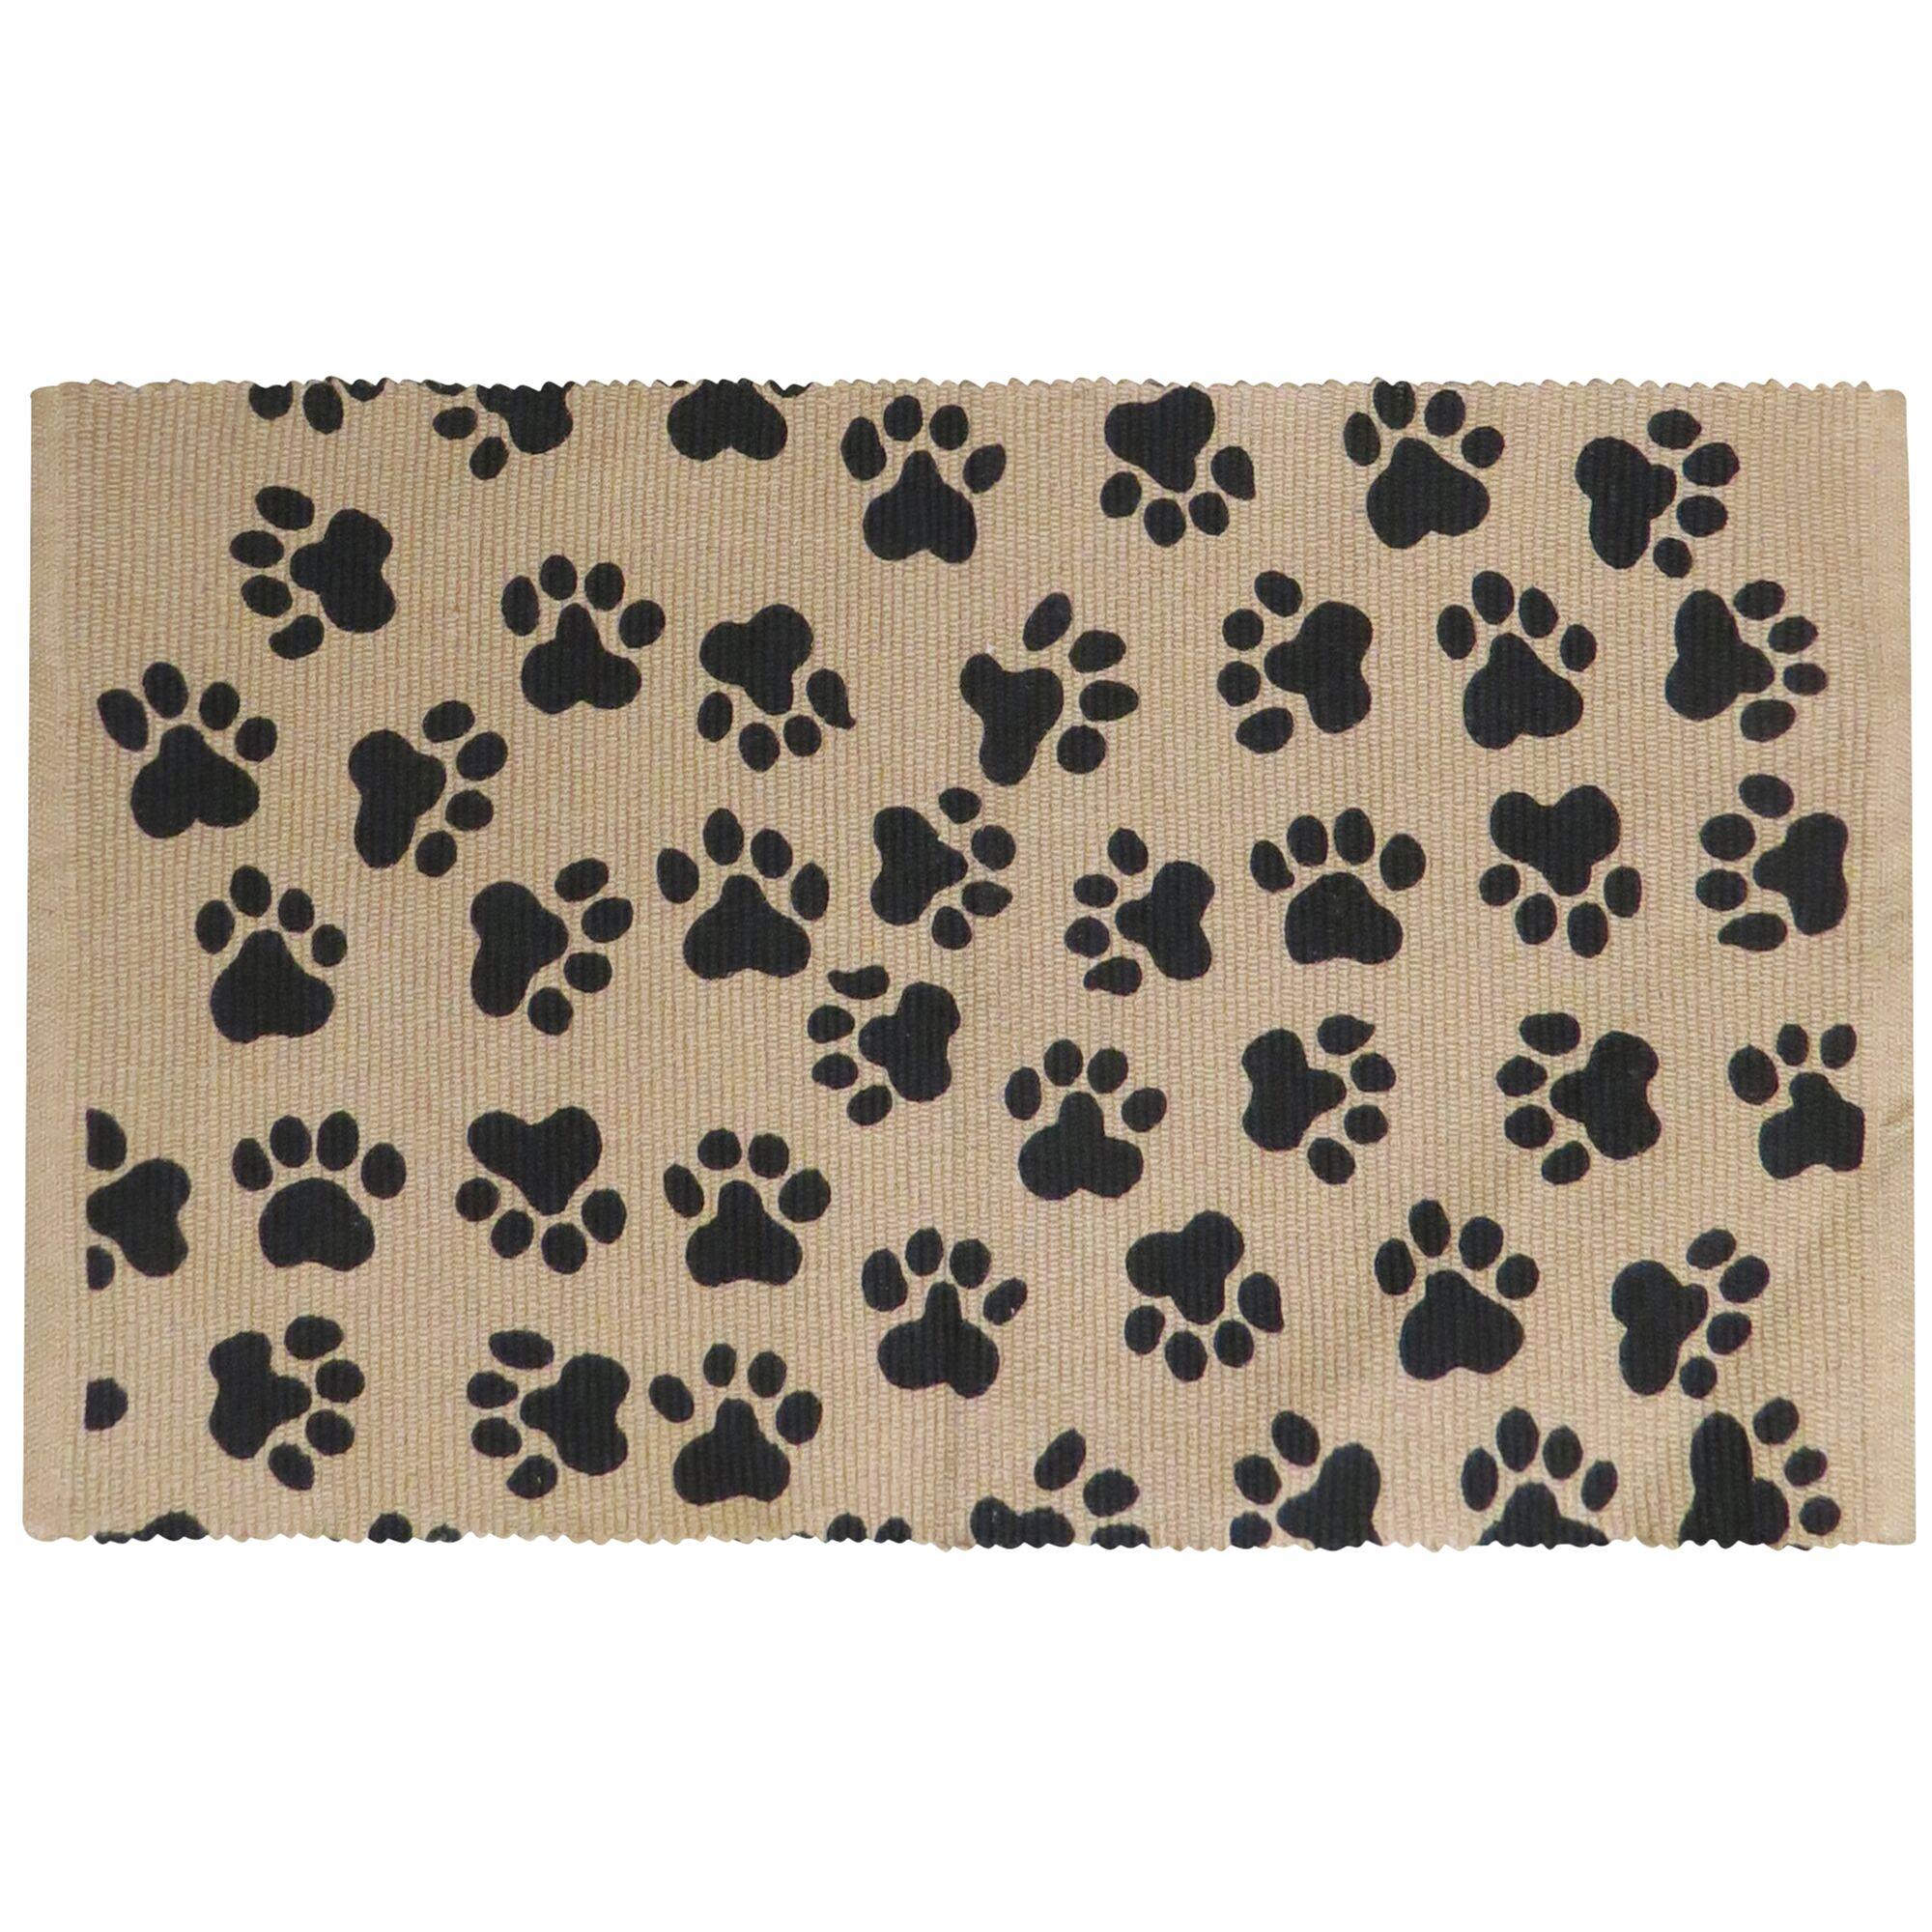 Isabella World Paws Cotton Pet Mat Color: Linen/Black, Size: 24